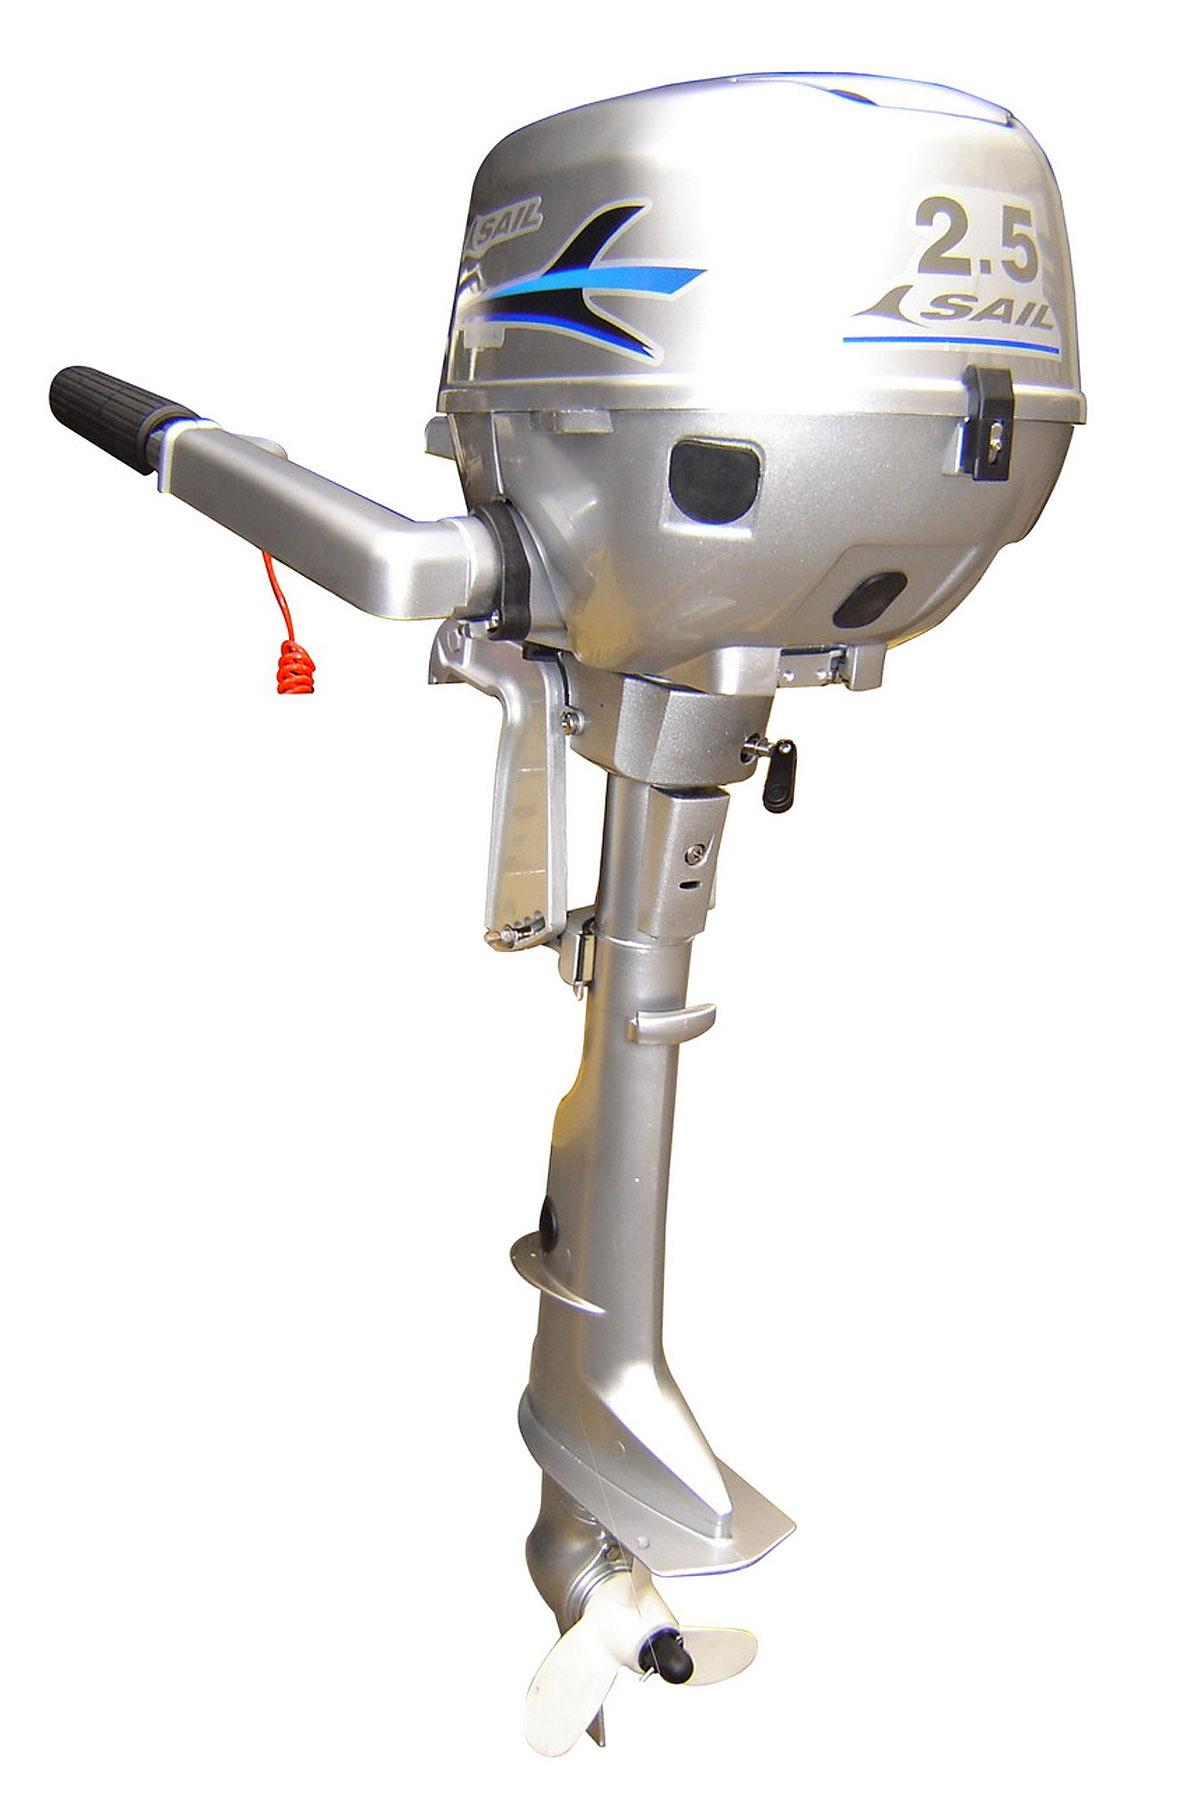 скачать инструкцию к лодочным моторам hidea 2.5 fhs